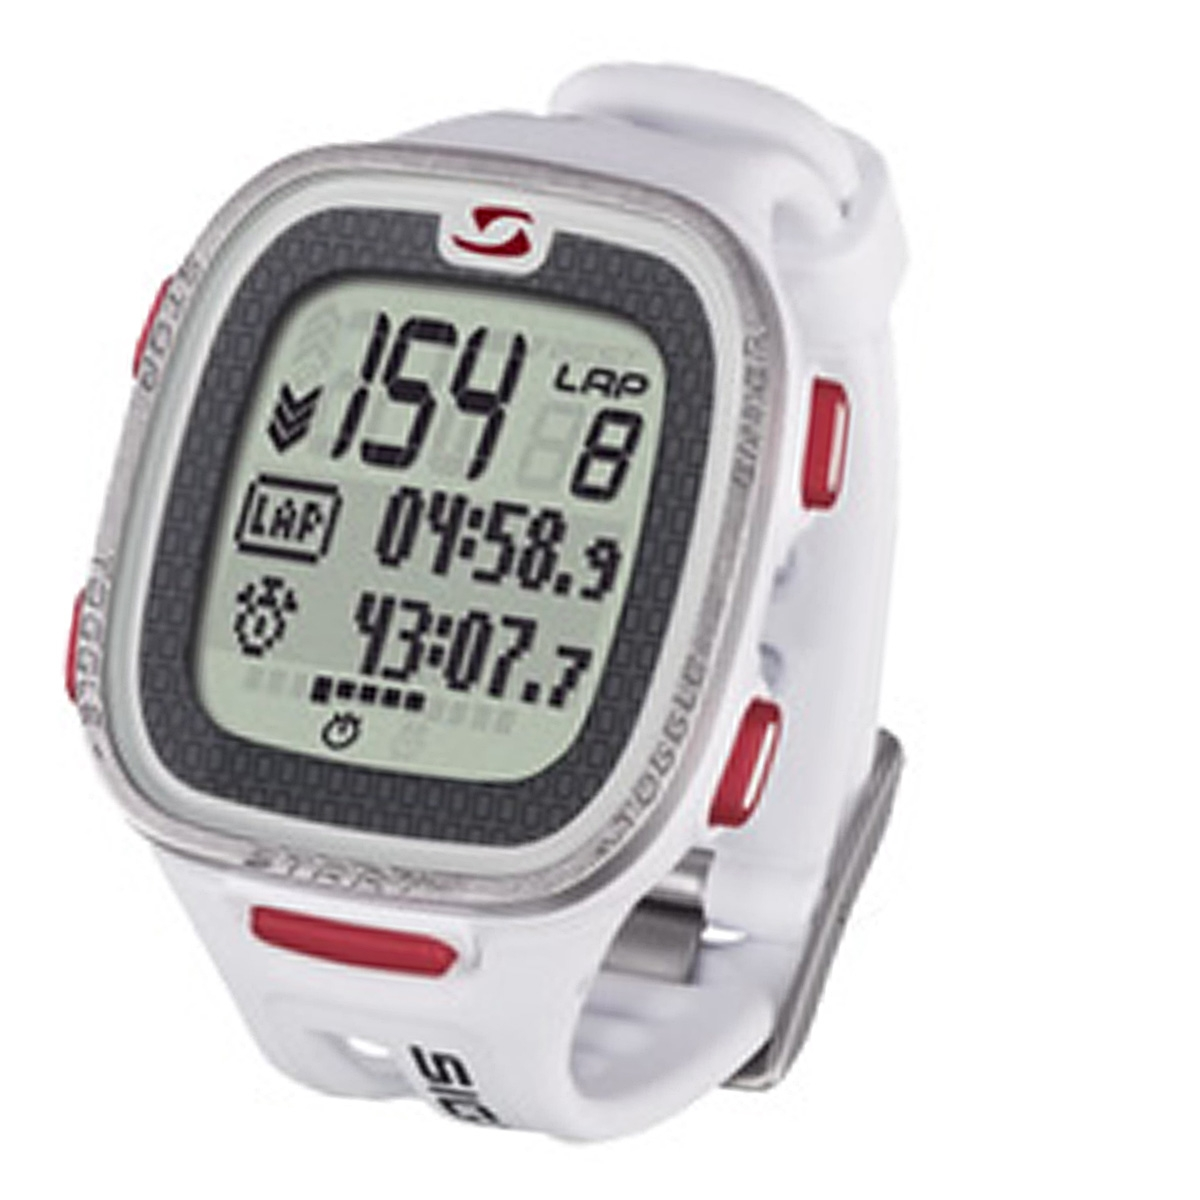 Montre cardio-fréquencemètre Sigma PC 26.14 STS multifonctions